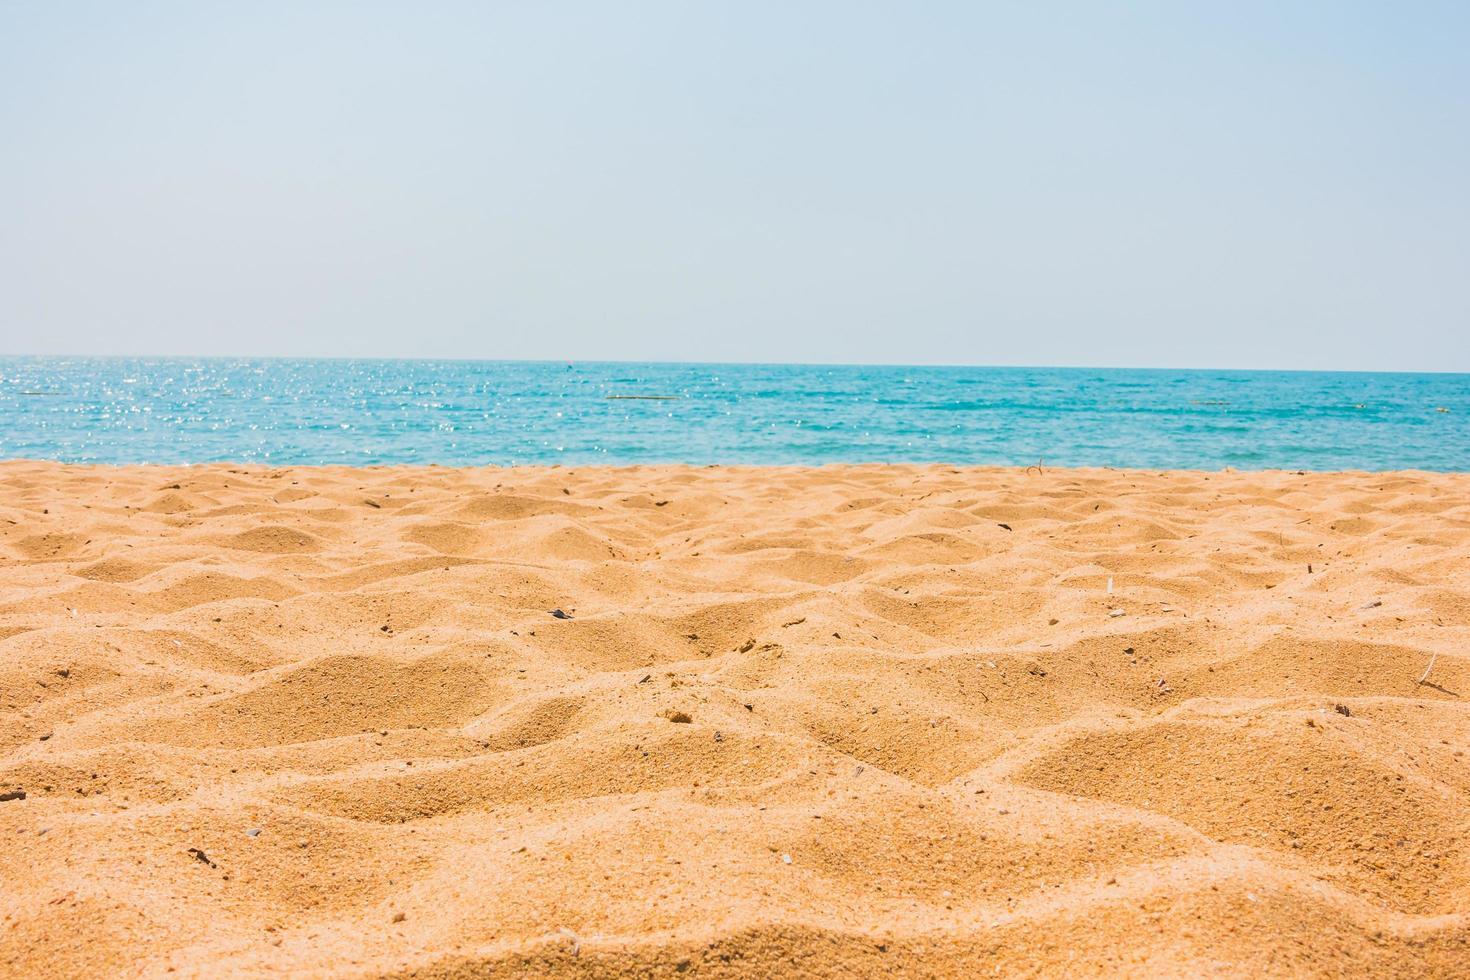 schöner Strand und Meer foto